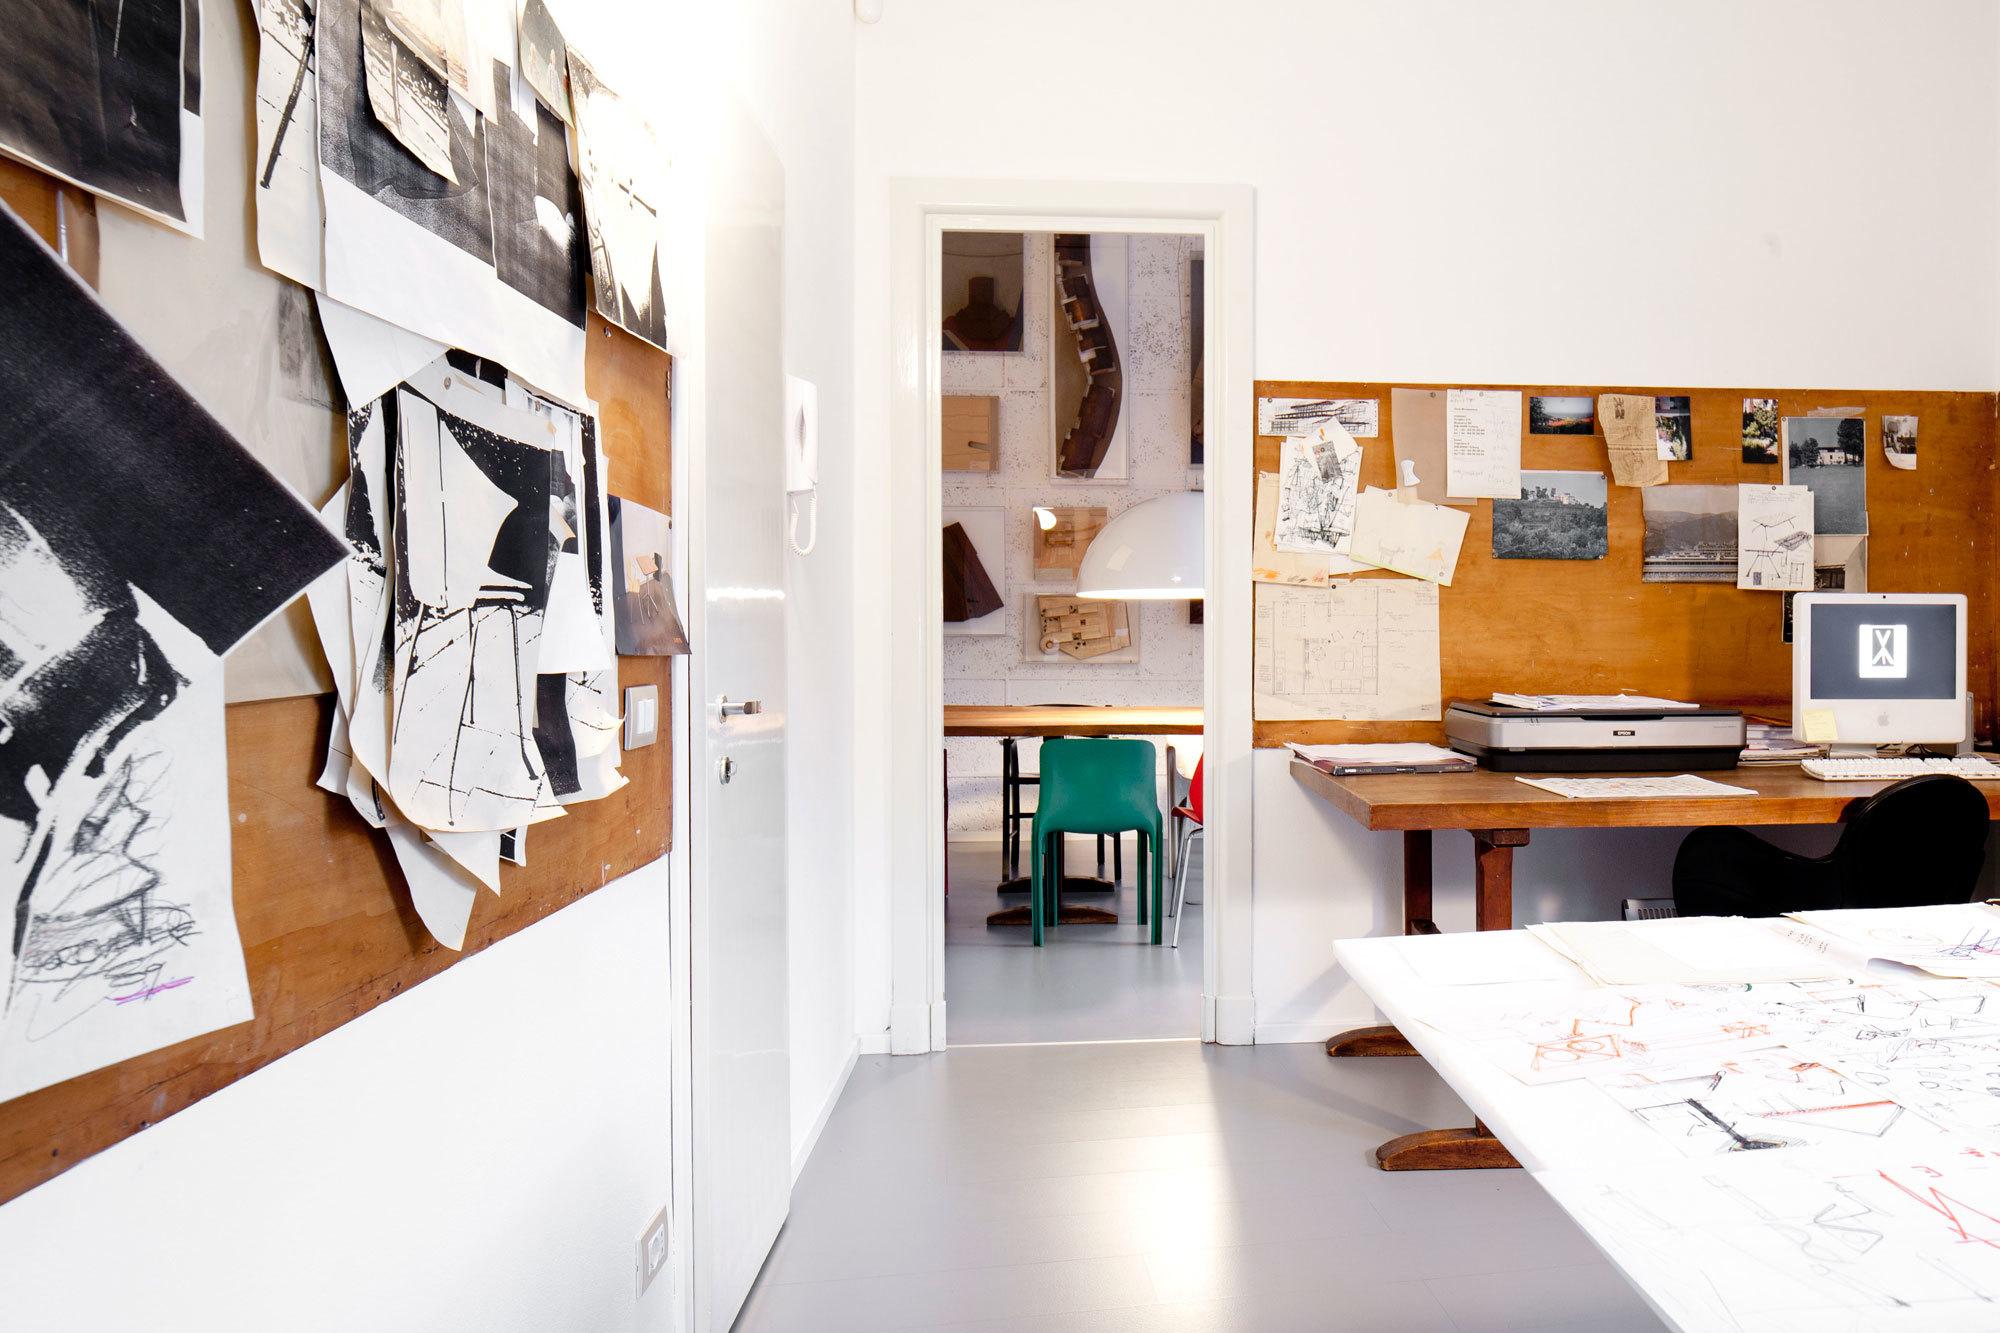 Fondazione Studio Museo Vico Magistretti in Mailand. Foto: Matteo Carassale